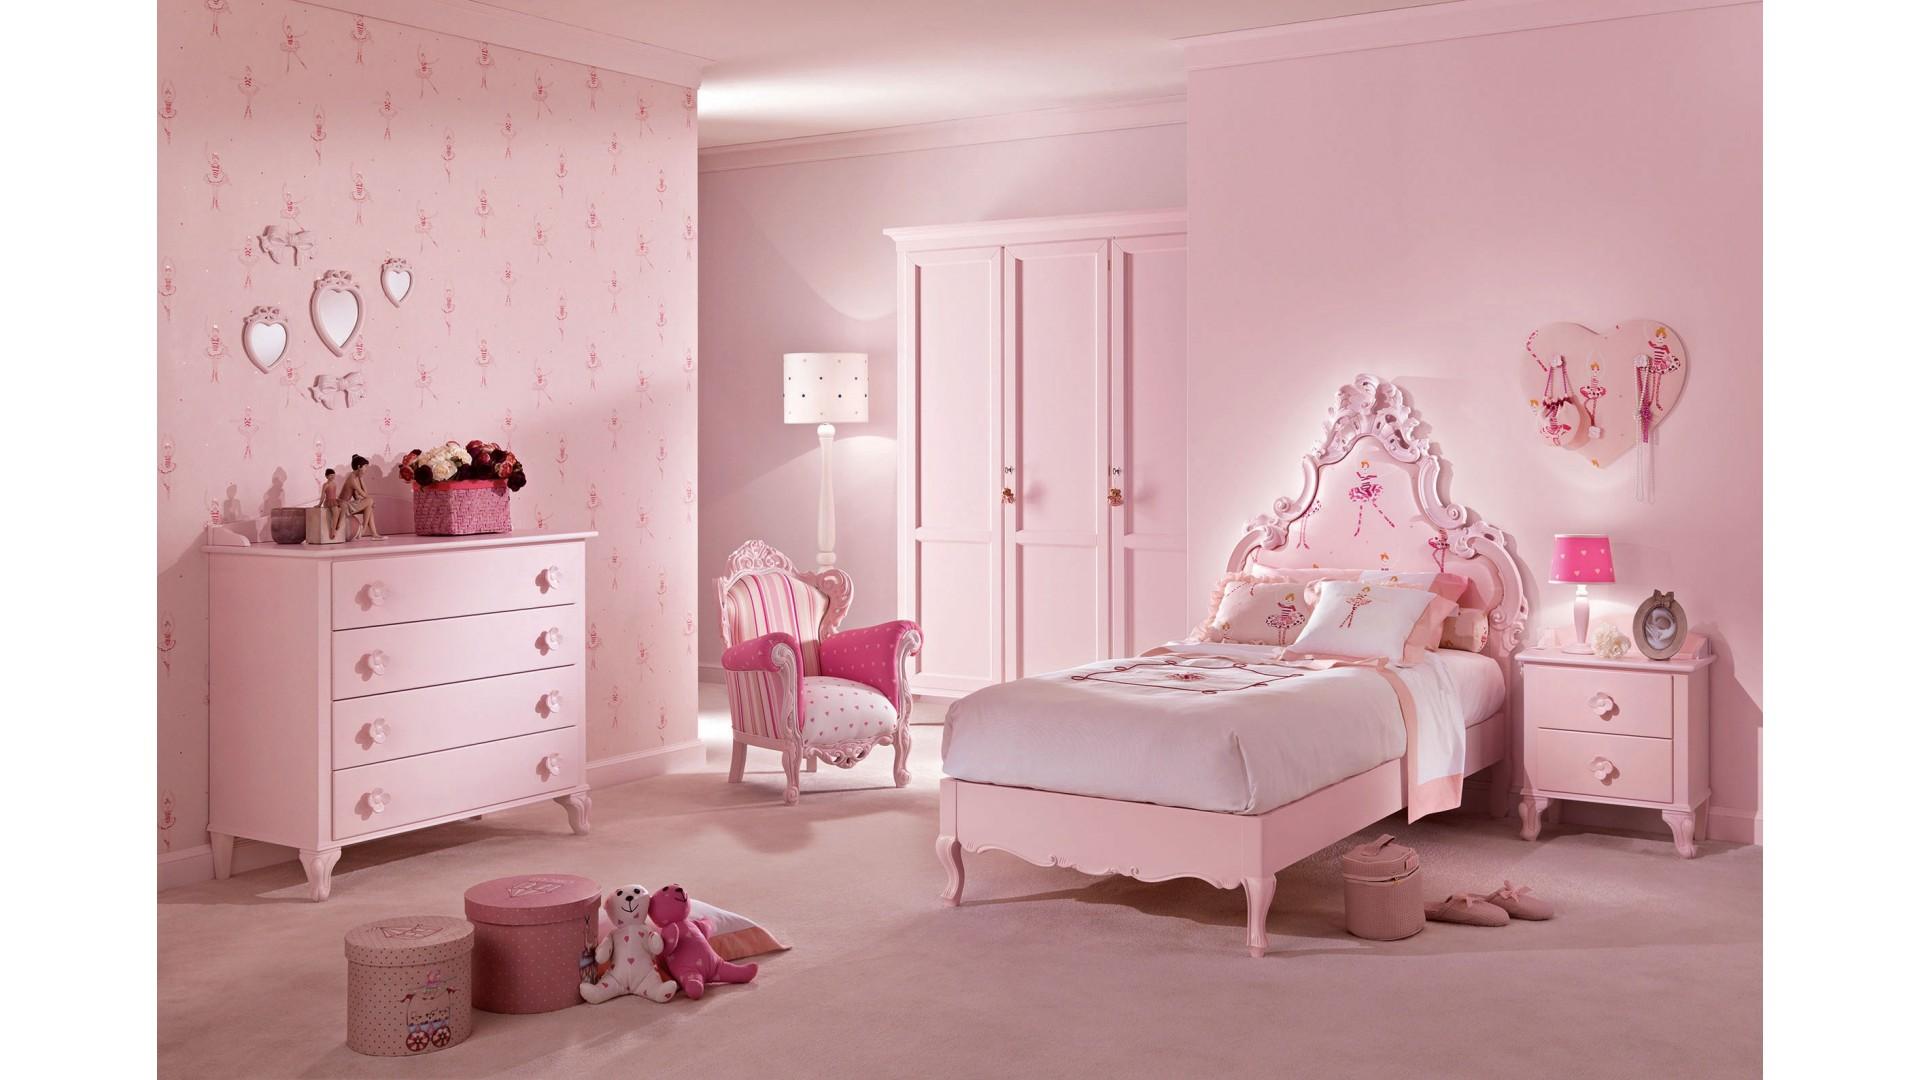 Lit princesse modle Ccile rose pastel  PIERMARIA  SO NUIT